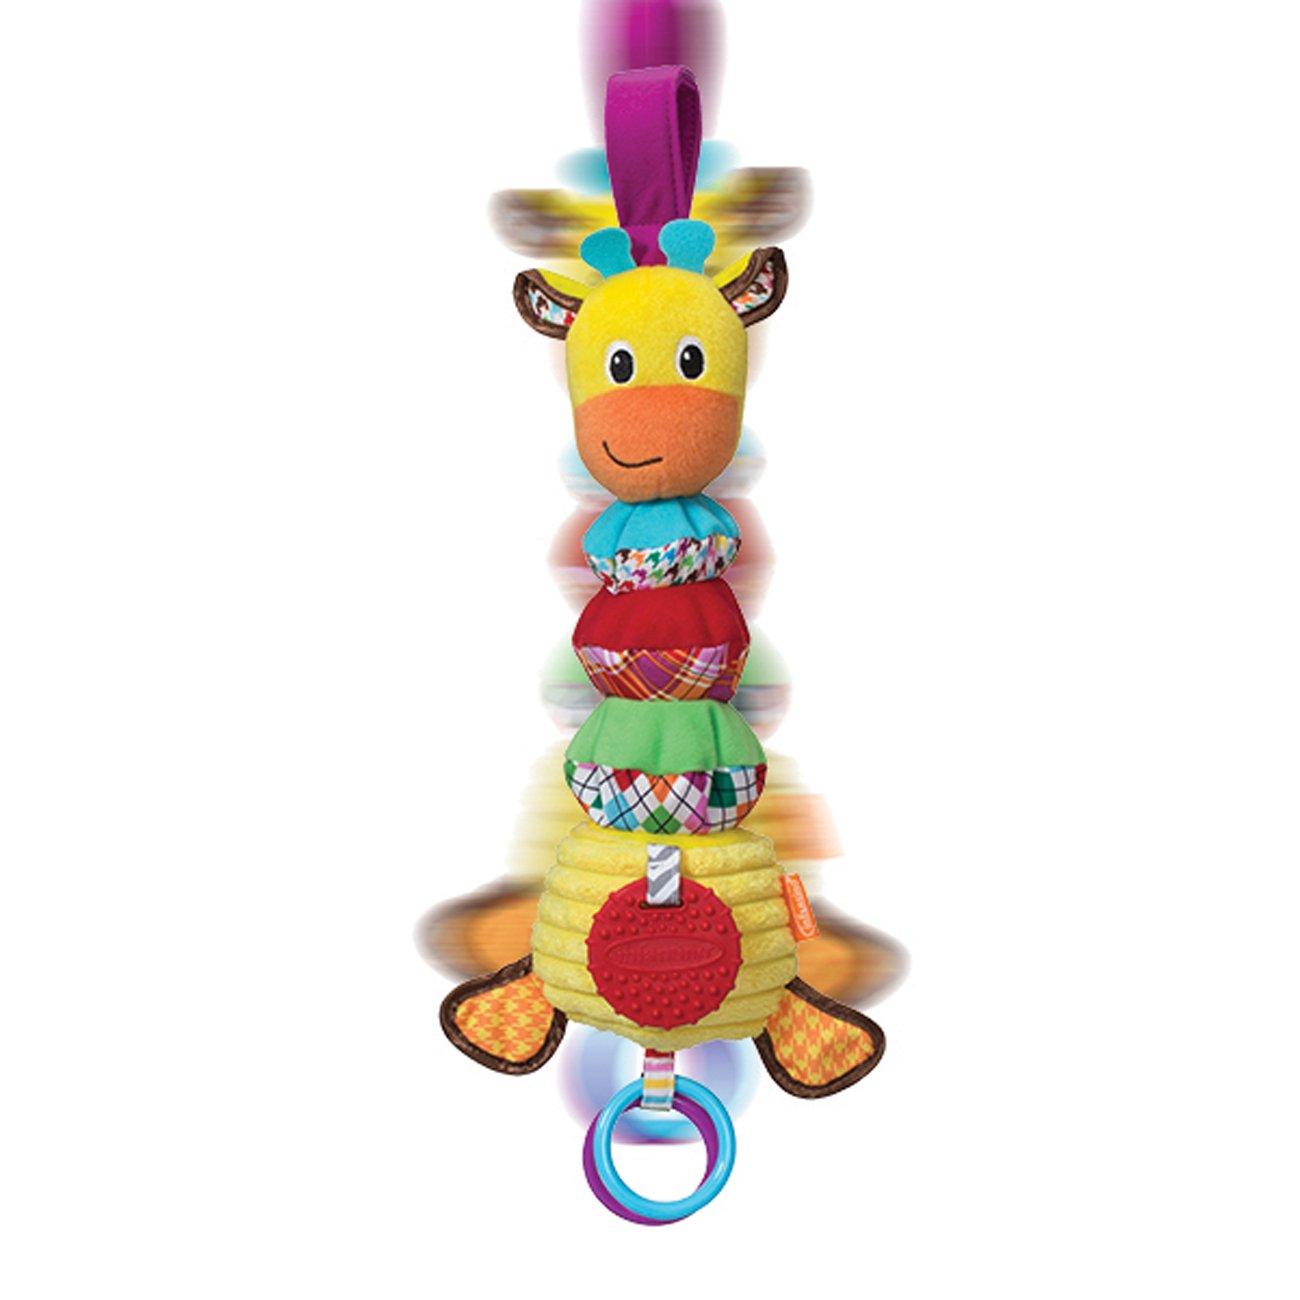 Infantino Hug and Tug Musical Giraffe